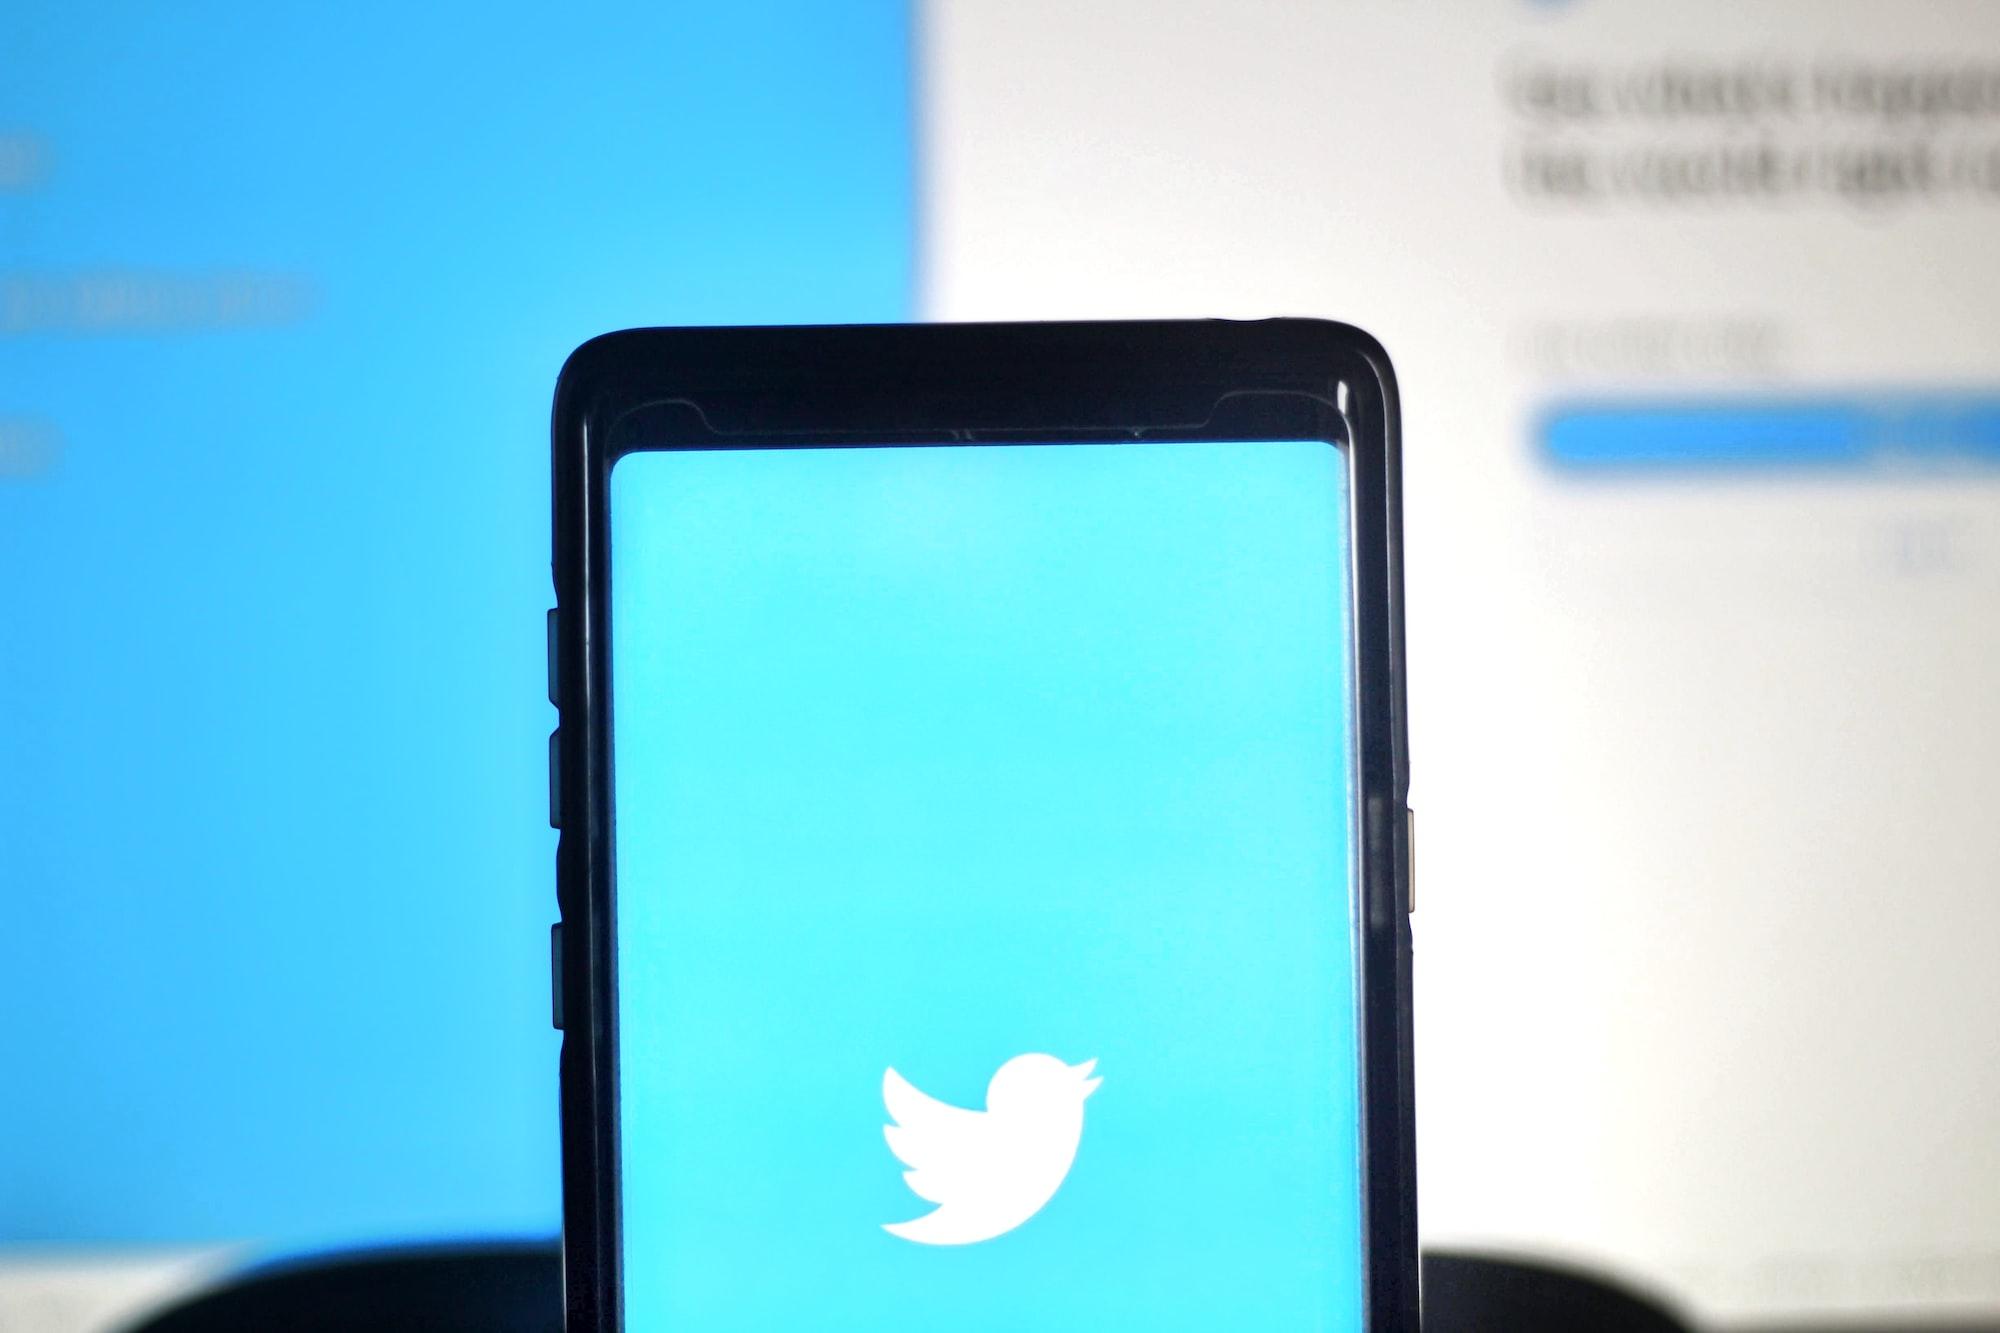 วัยรุ่นเบื้องหลังการแฮ็ก Twitter ครั้งใหญ่ในปี 2020 ถูกตัดสินจำคุก 3 ปี